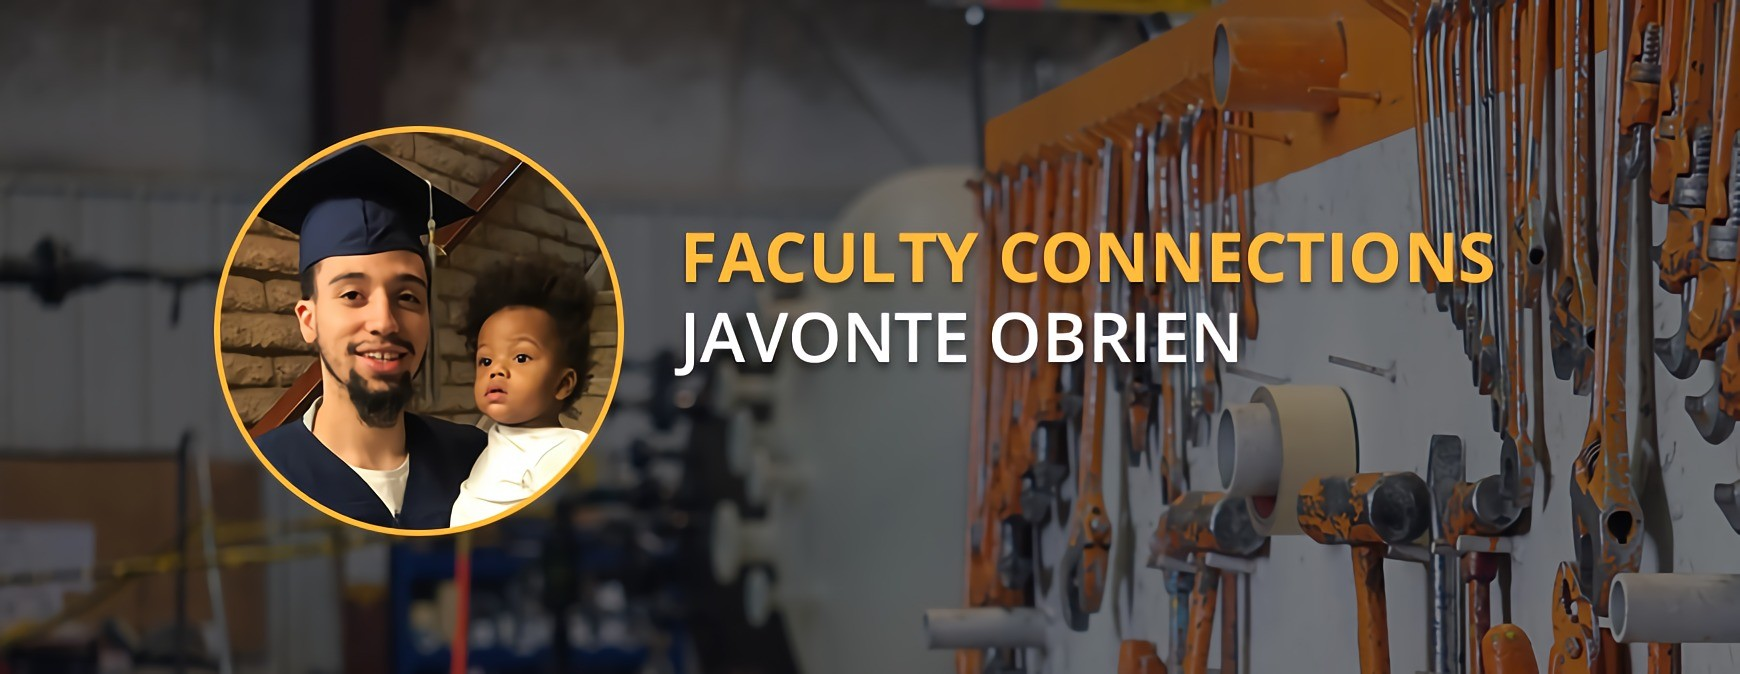 Javonte Obrien graduate connection